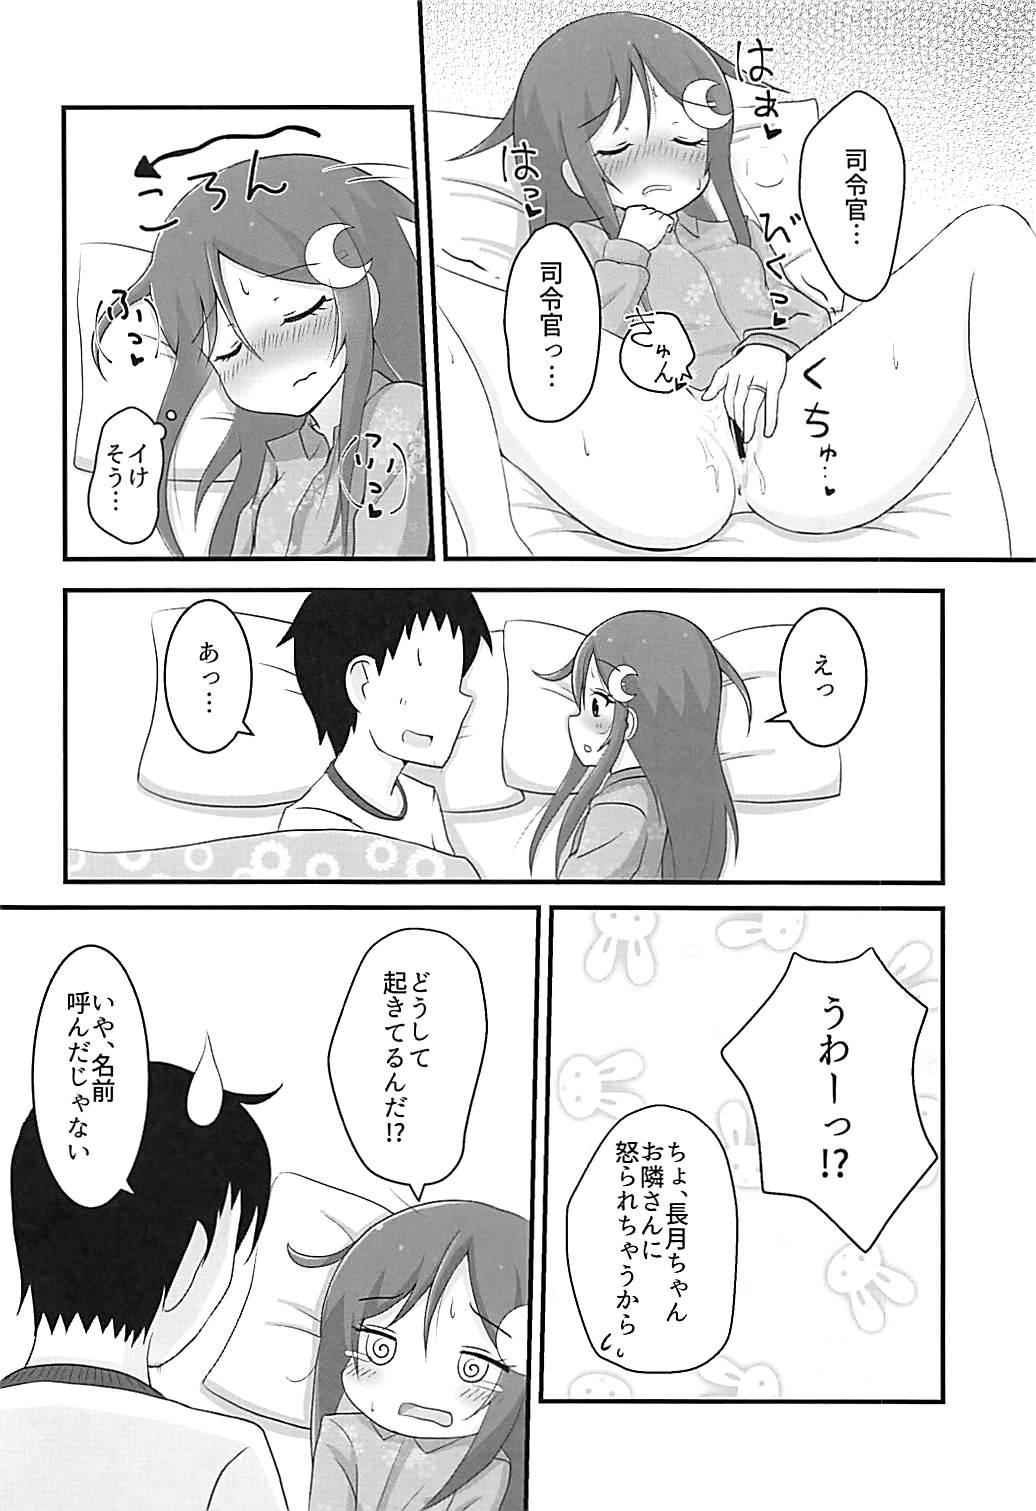 Nagatsuki-chan to Ecchi na Koto Suru Hon 2 6